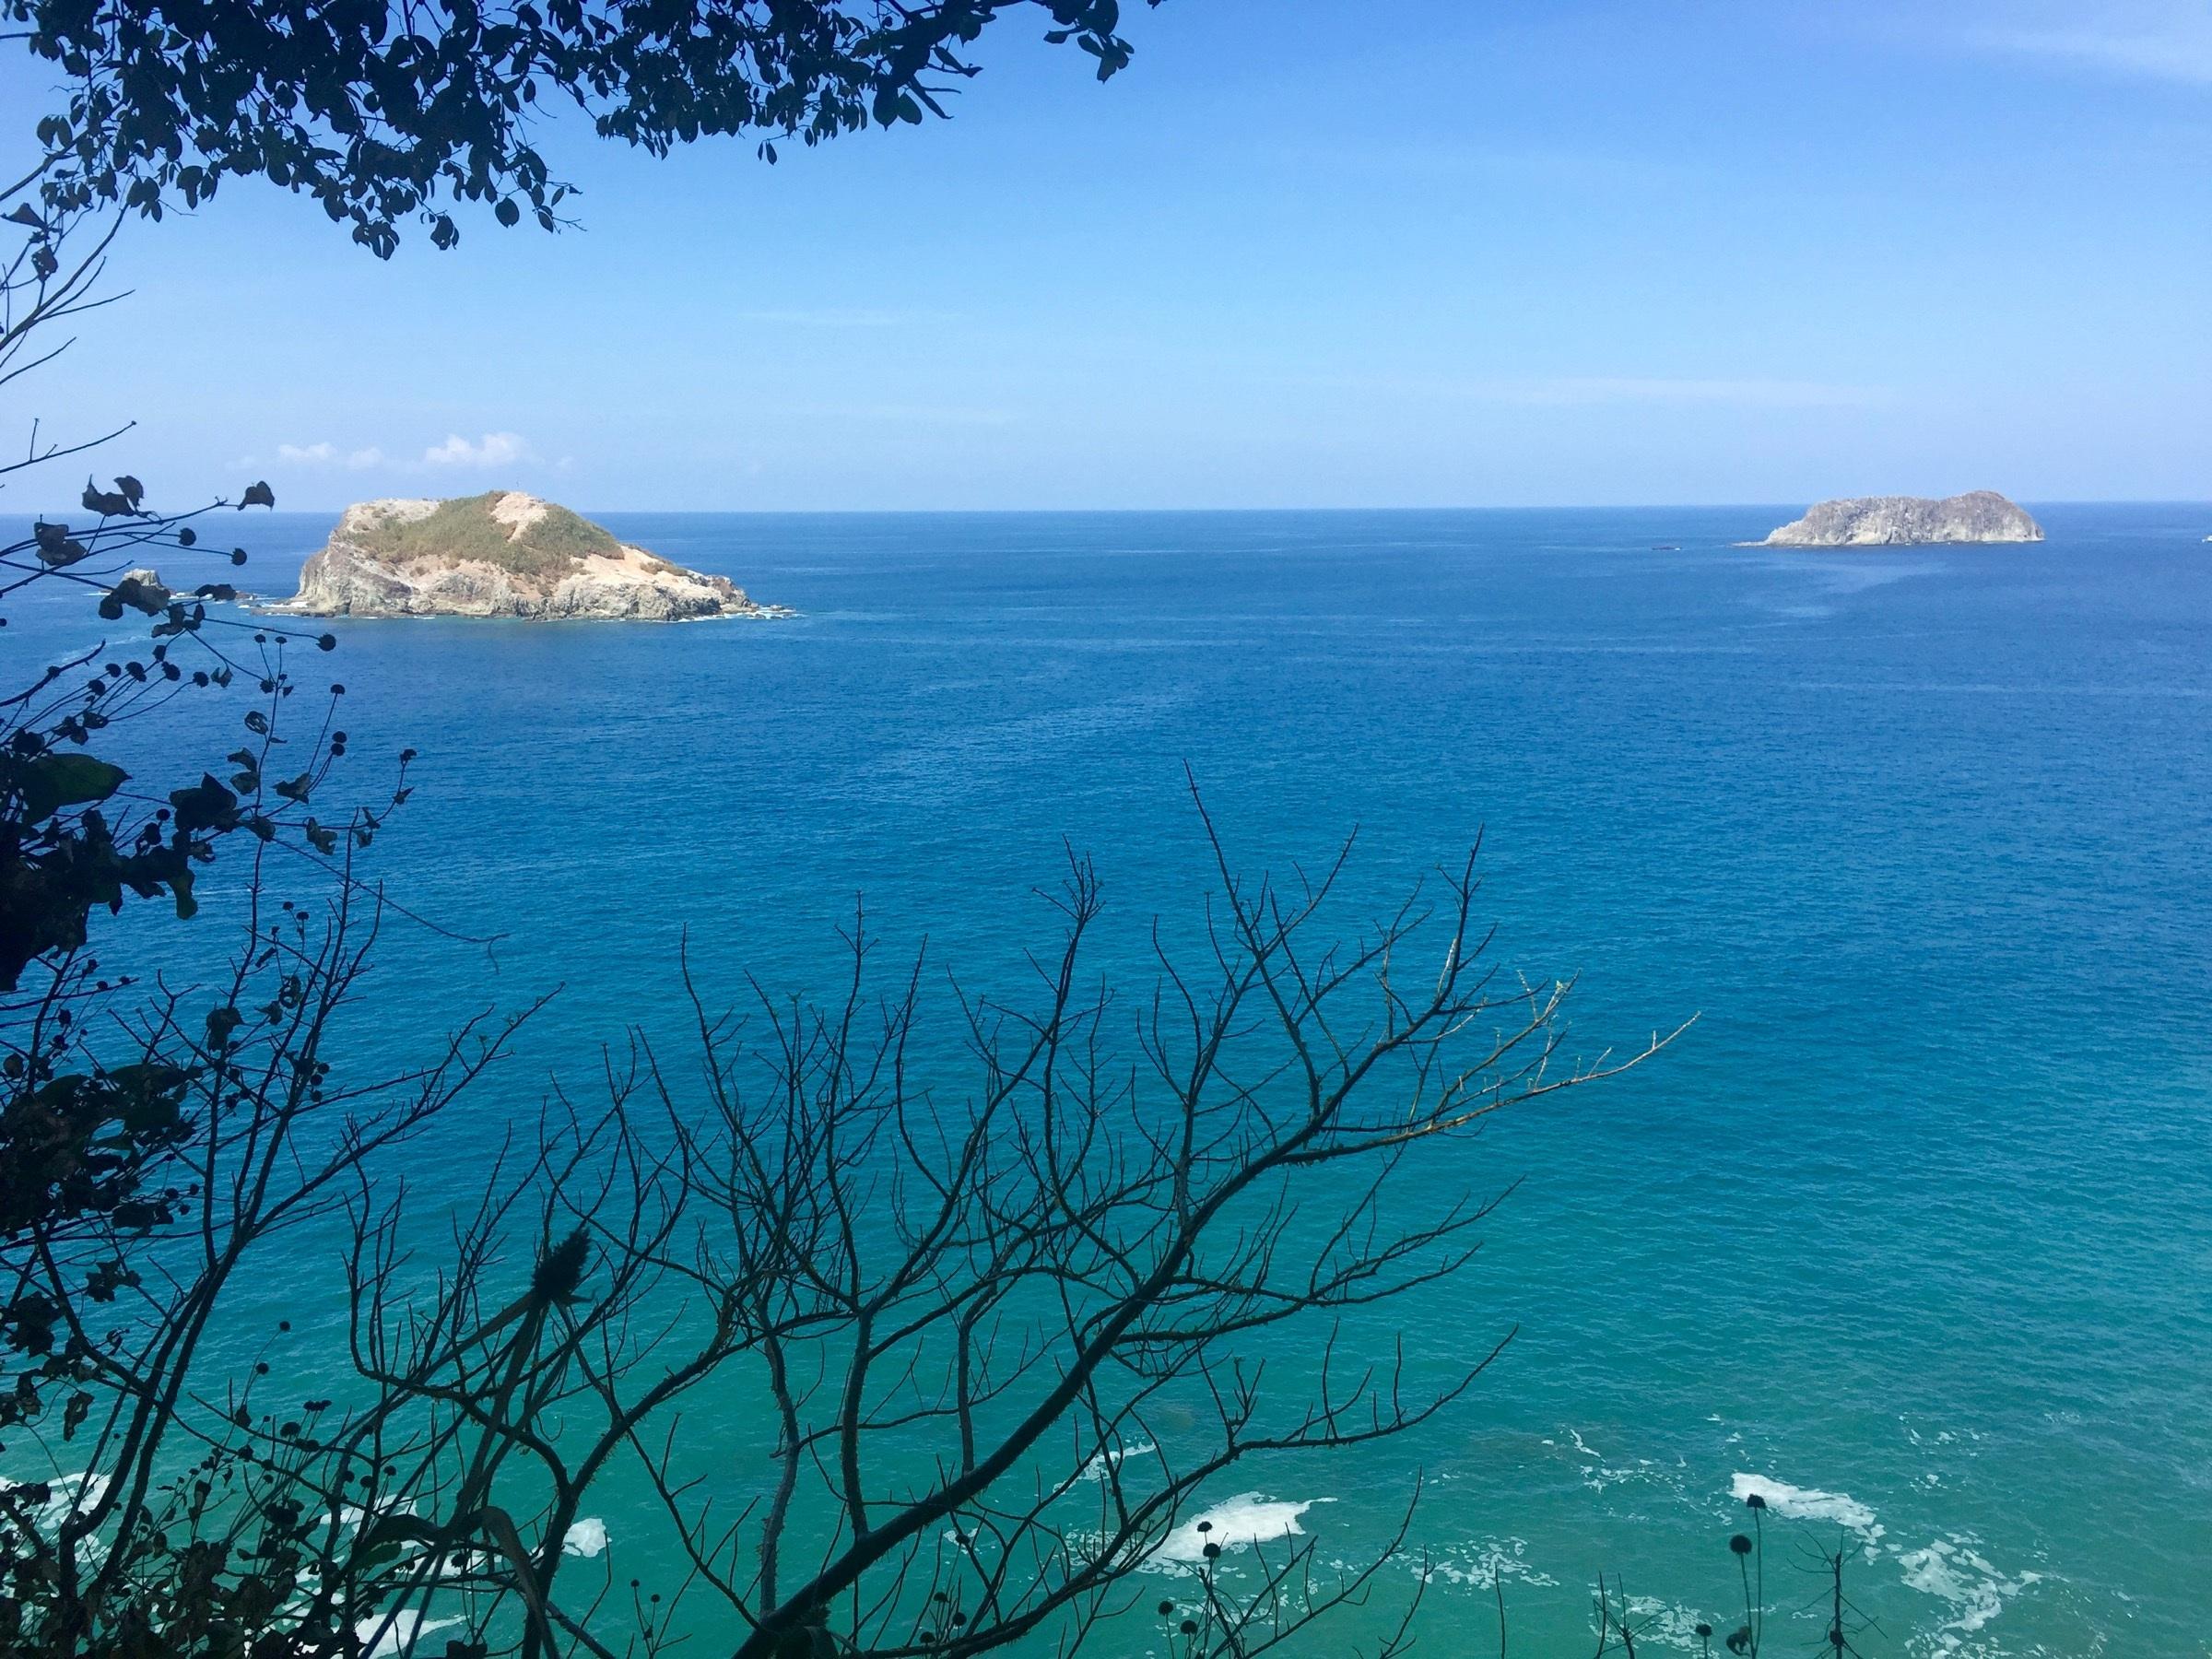 Hình ảnh đại Dương Phong Cảnh Thiên Nhiên Bầu Trời Màu